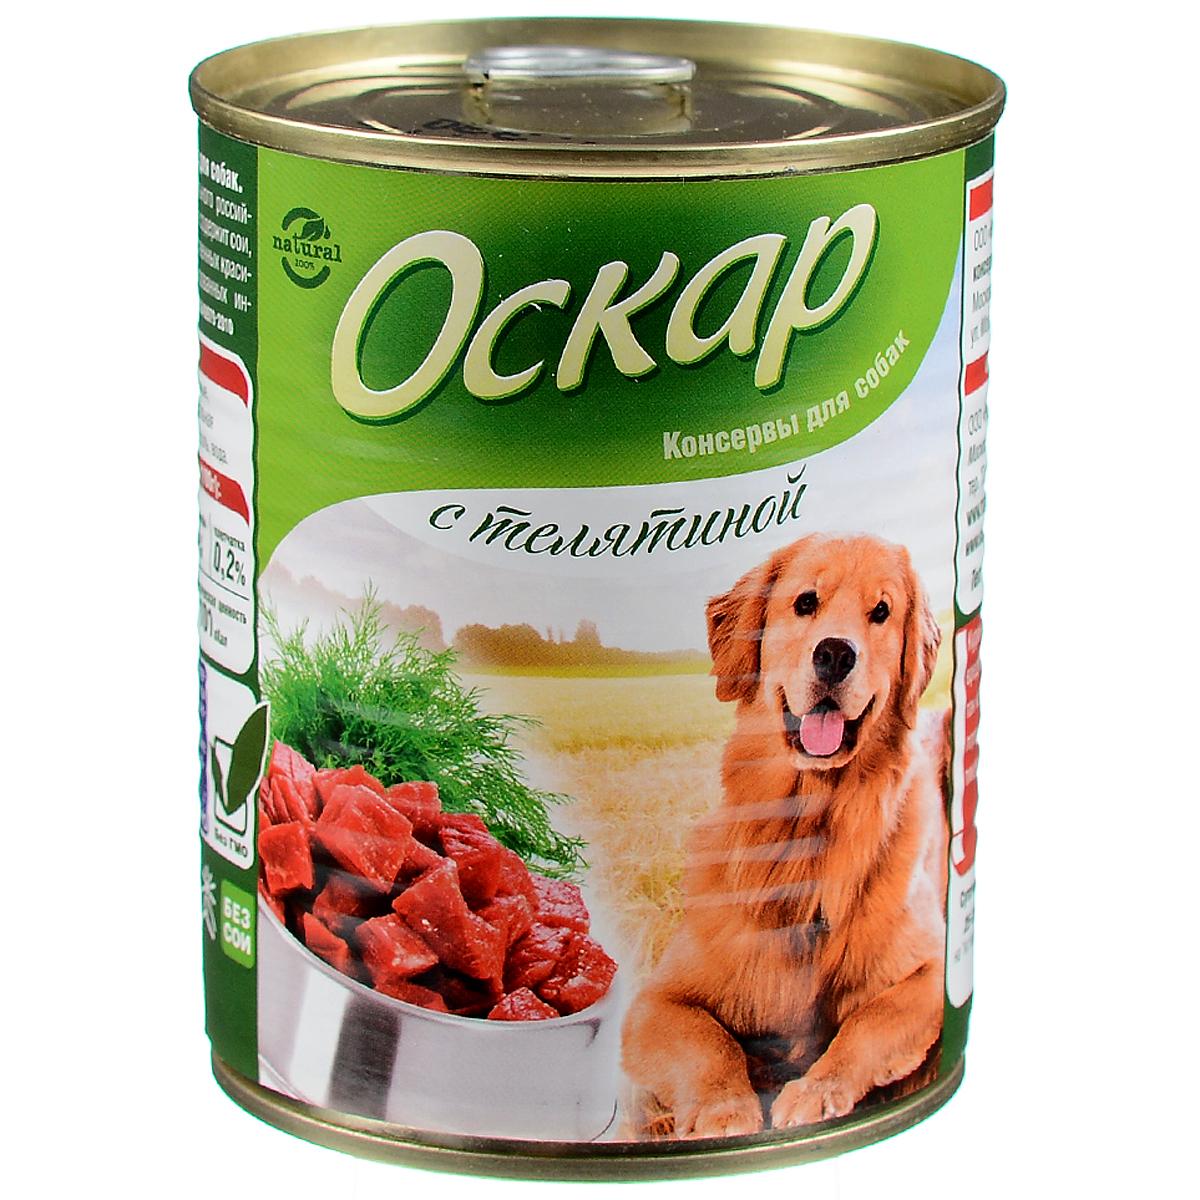 Консервы для собак Оскар, с телятиной, 350 г0120710Консервы для собак Оскар изготовлены из натурального российского мясного сырья. Не содержат сои, ароматизаторов, искусственных красителей, ГМО. Состав: говядина, субпродукты мясные, растительное масло, натуральная желеобразующая добавка, соль, вода. Пищевая ценность (100 г): протеин 10%, жир 5%, углеводы 4%, клетчатка 0,2%, зола 2%, влага 75%. Энергетическая ценность (на 100 г): 101 кКал. Товар сертифицирован.